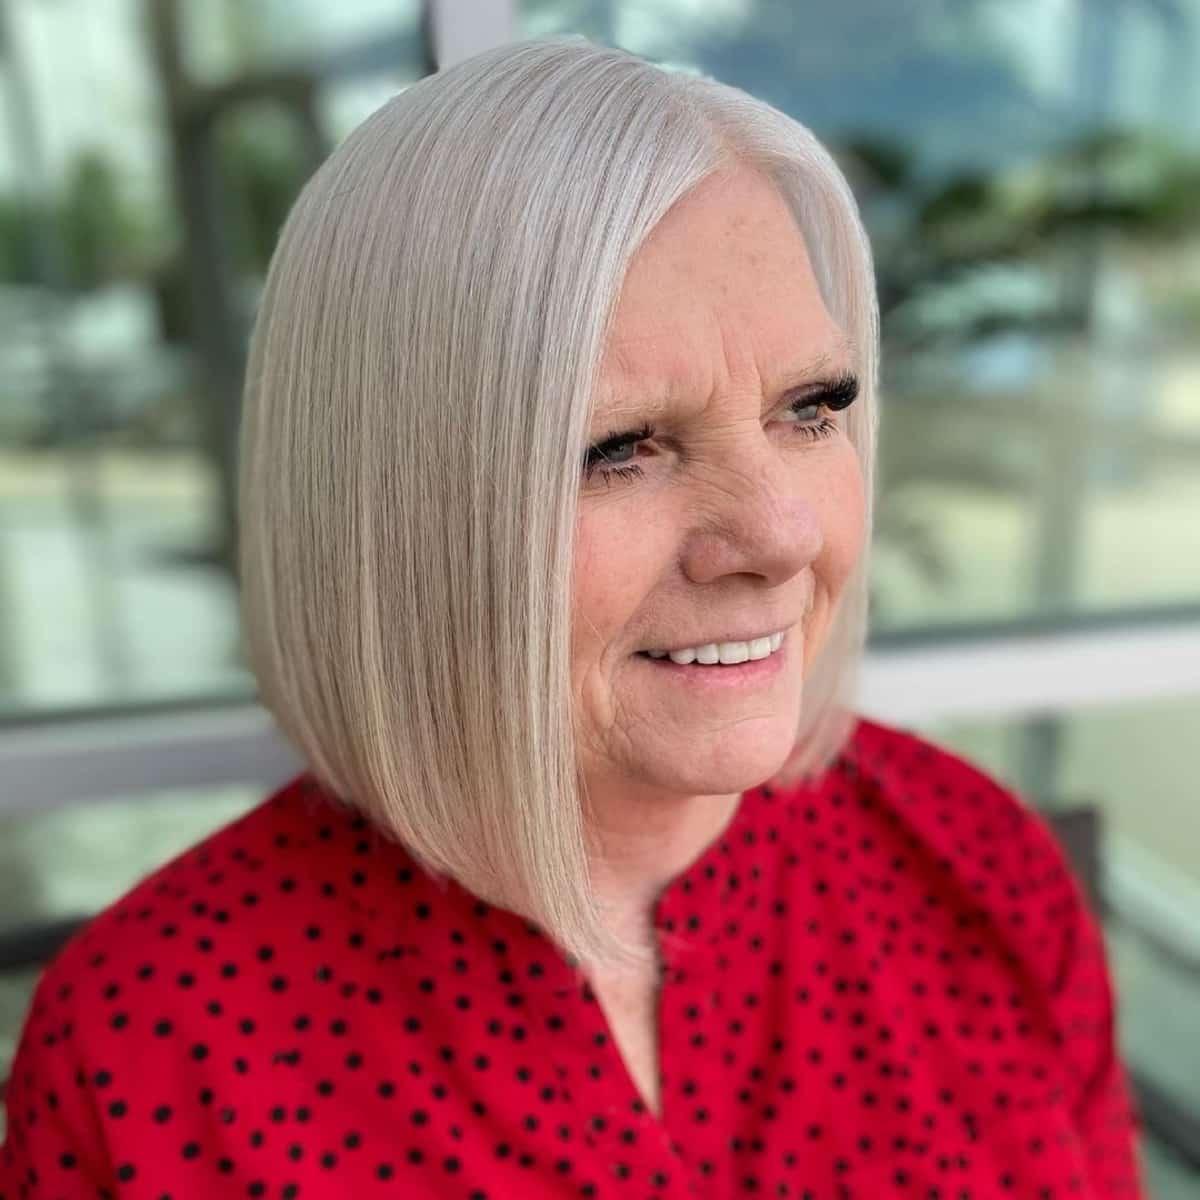 Lob asymétrique élégant pour les femmes de plus de 60 ans aux cheveux raides.